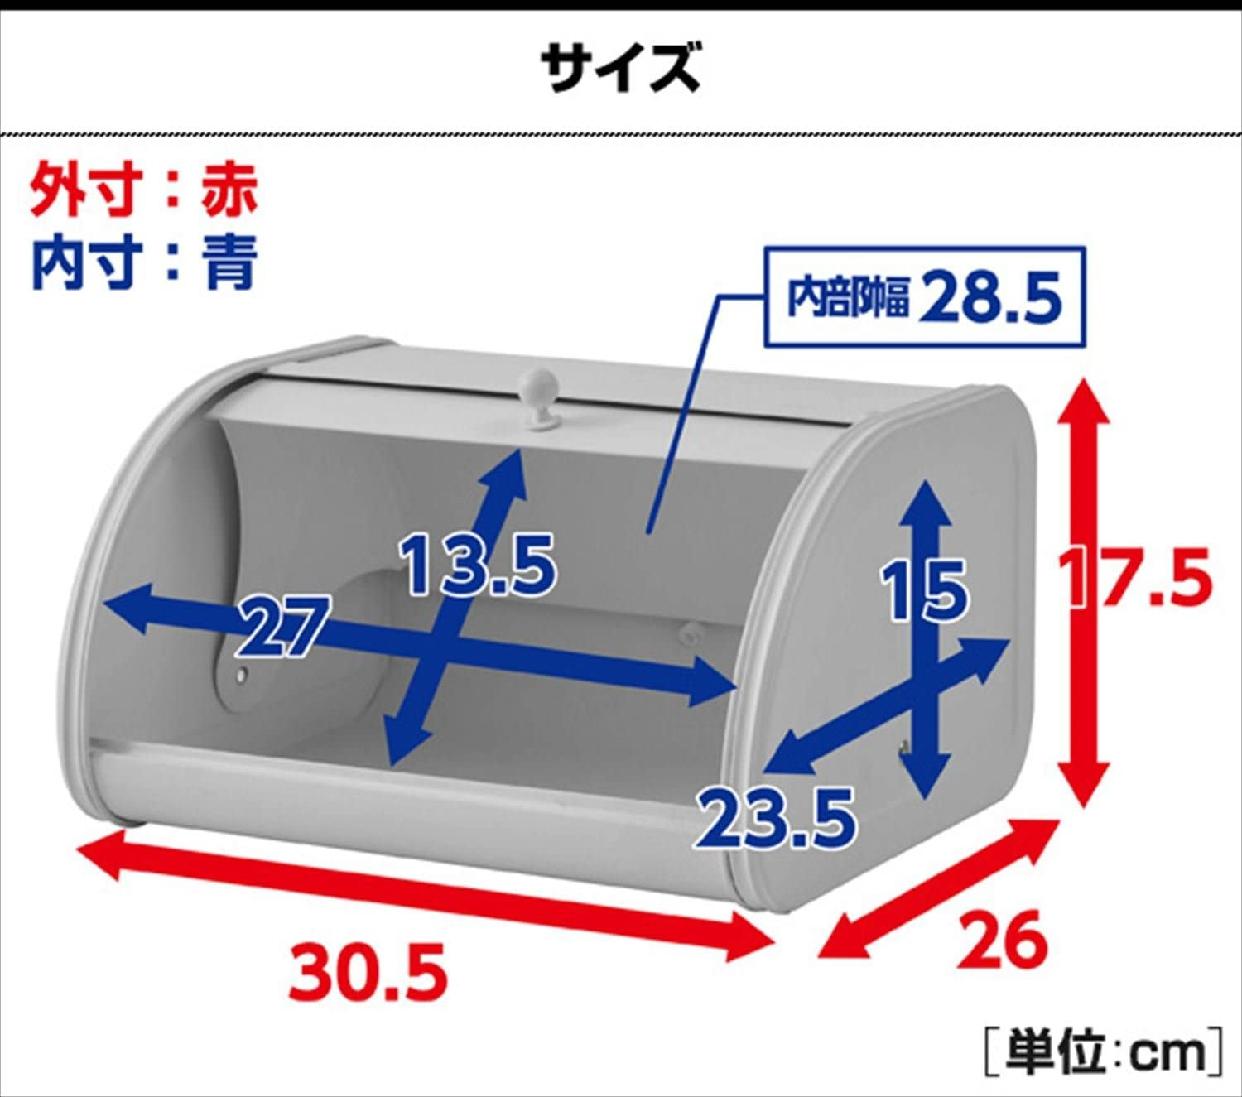 山善(YAMAZEN) ブレッドケース ブラック SBC-30の商品画像9